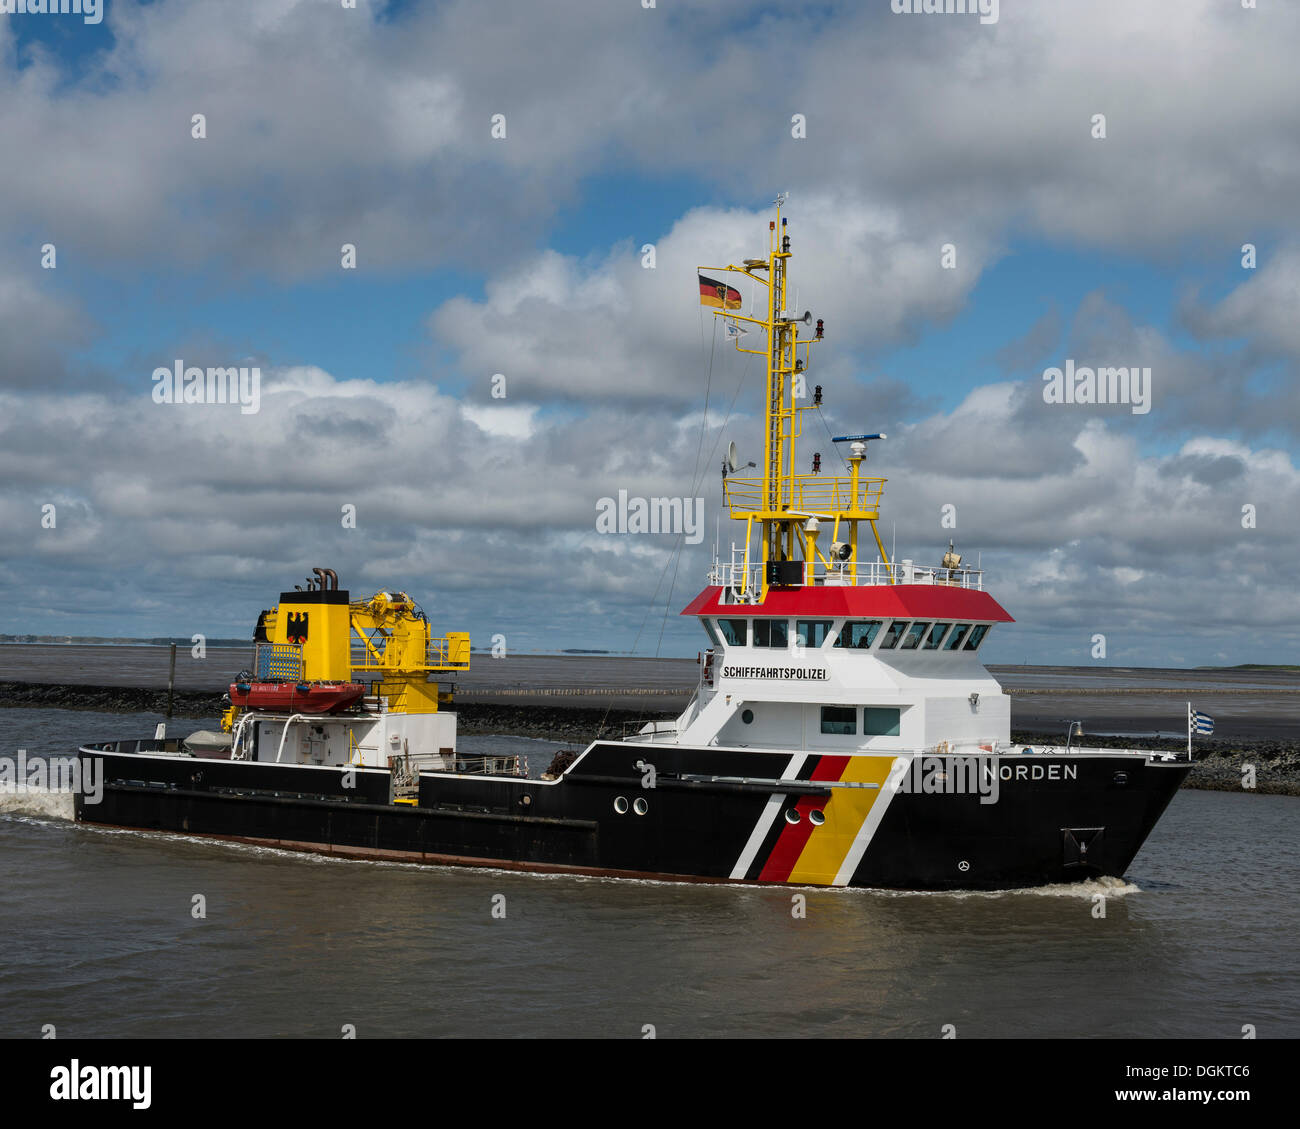 Polizia Marittima barca, Norden, Bassa Sassonia il Wadden Sea, Norddeich, Frisia orientale, Bassa Sassonia Immagini Stock